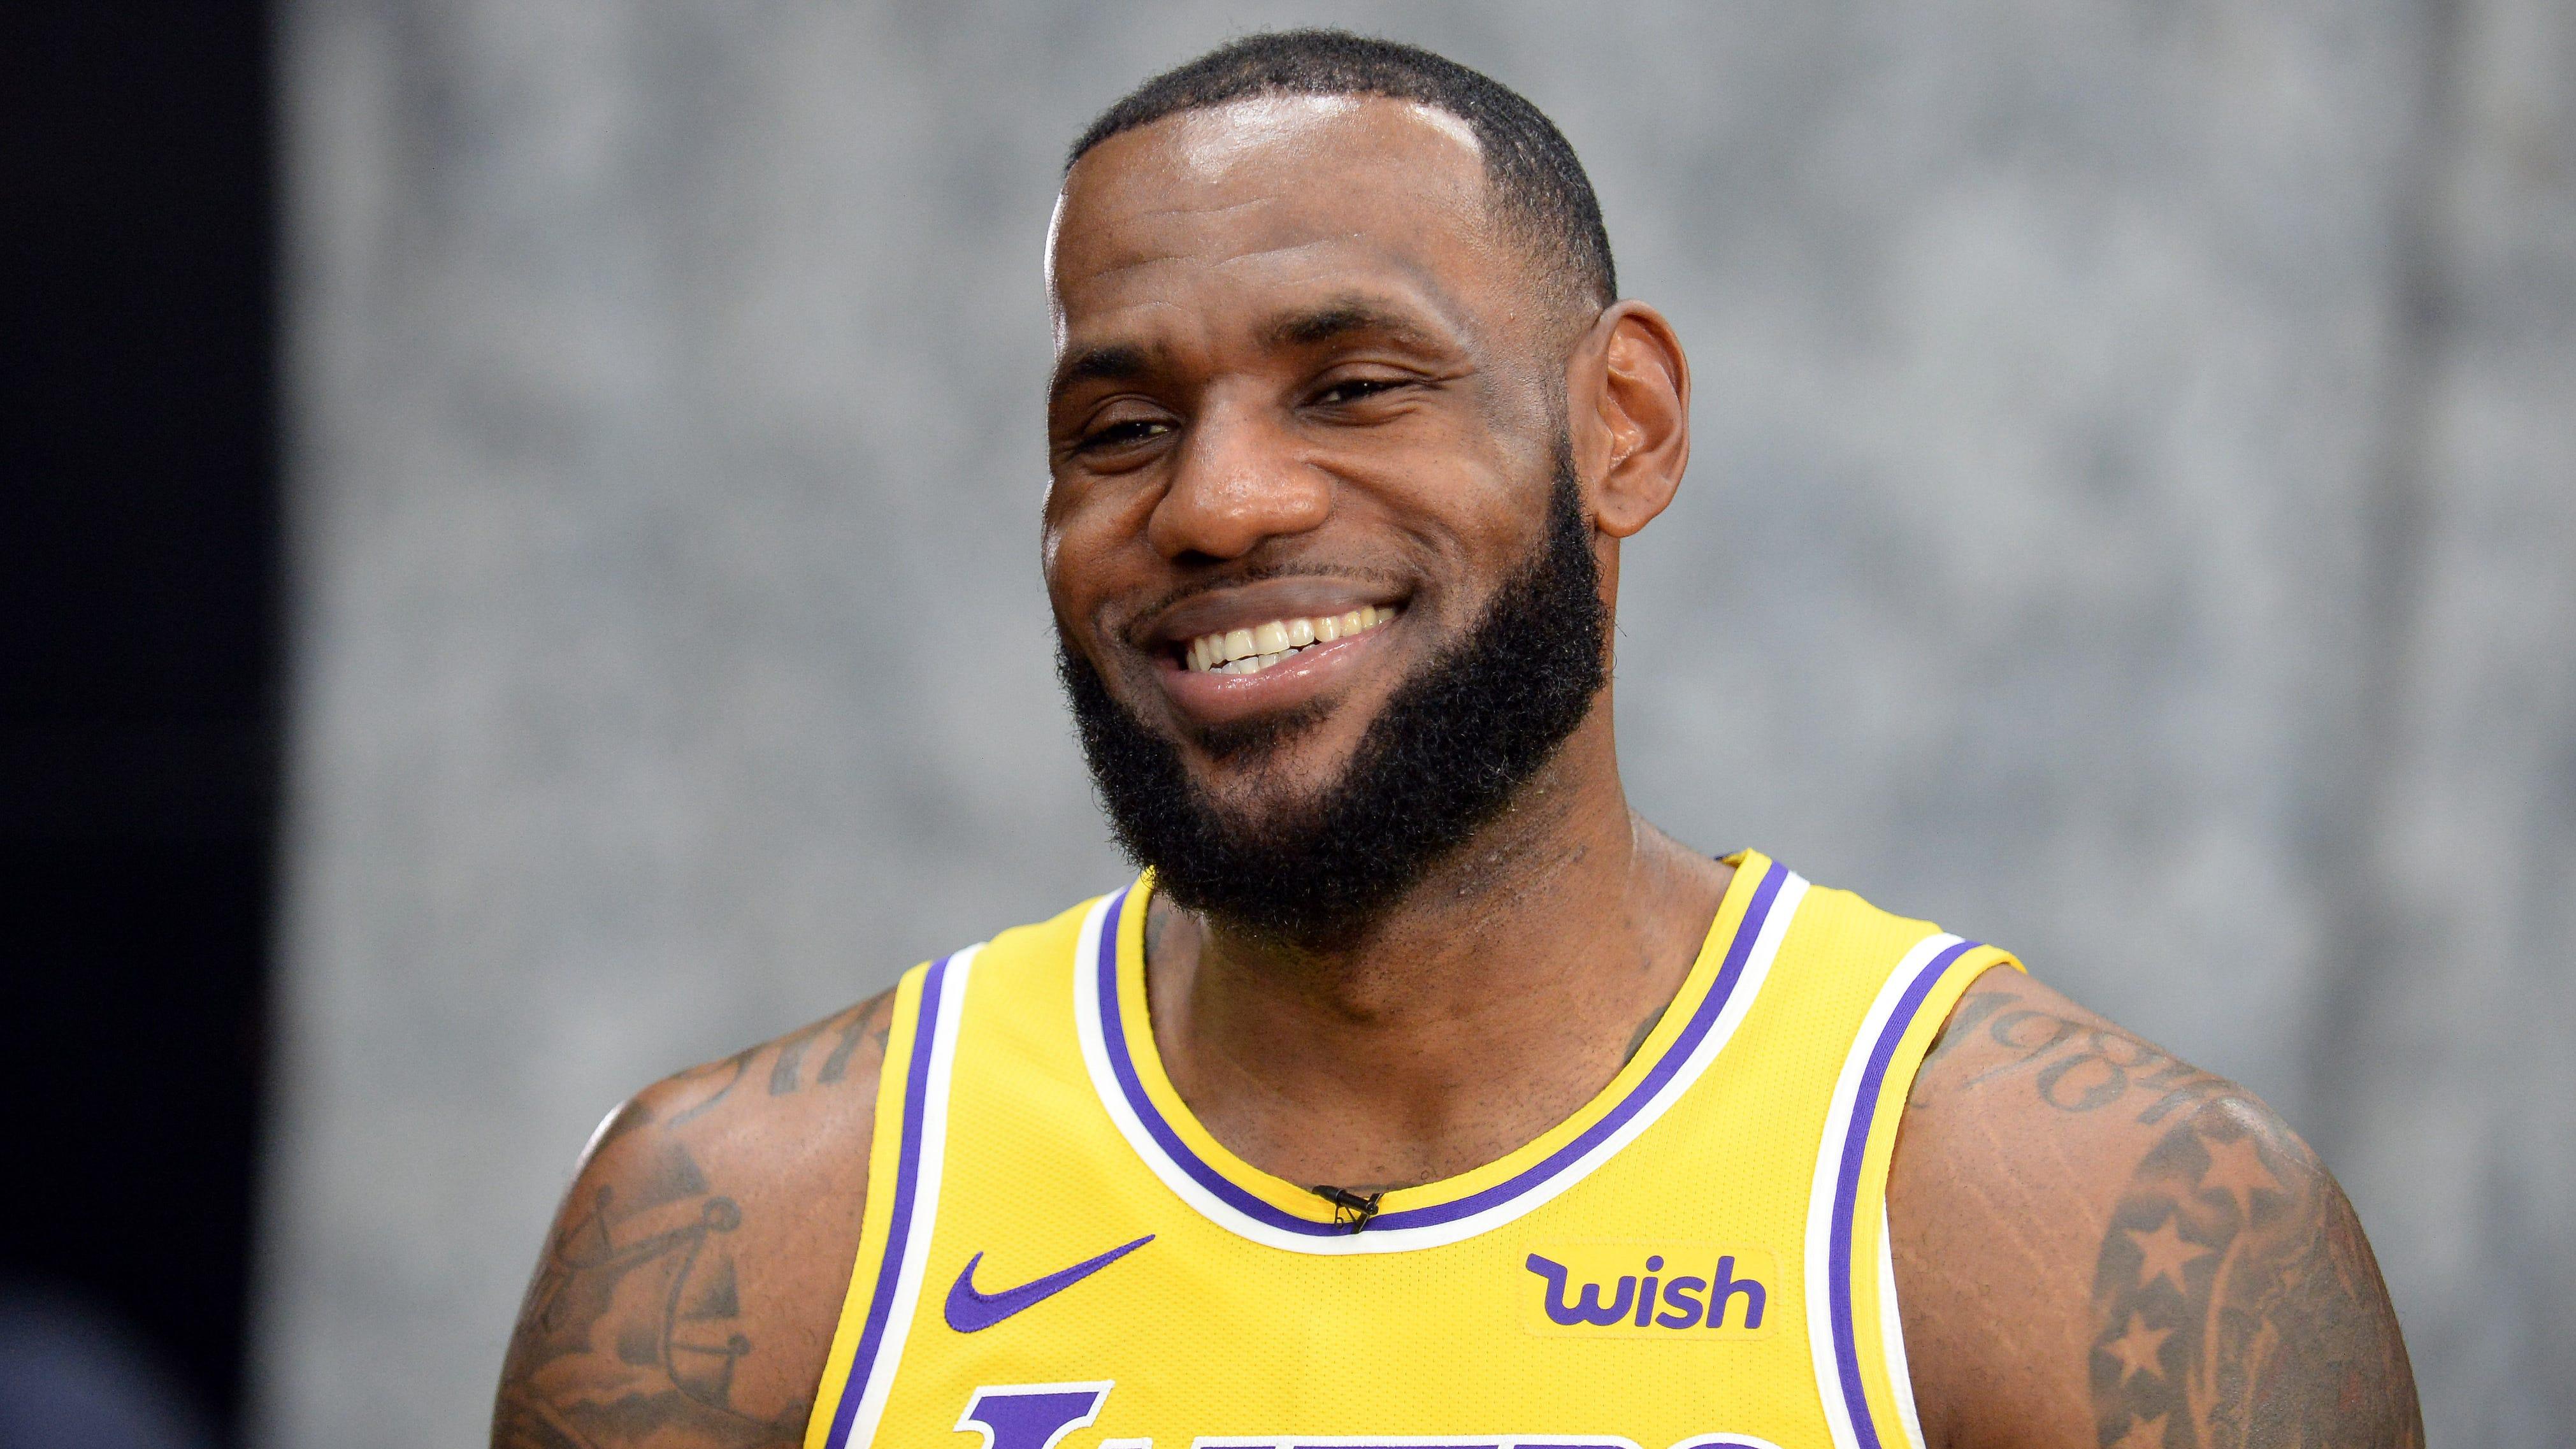 Resultado de imagen para LeBron James